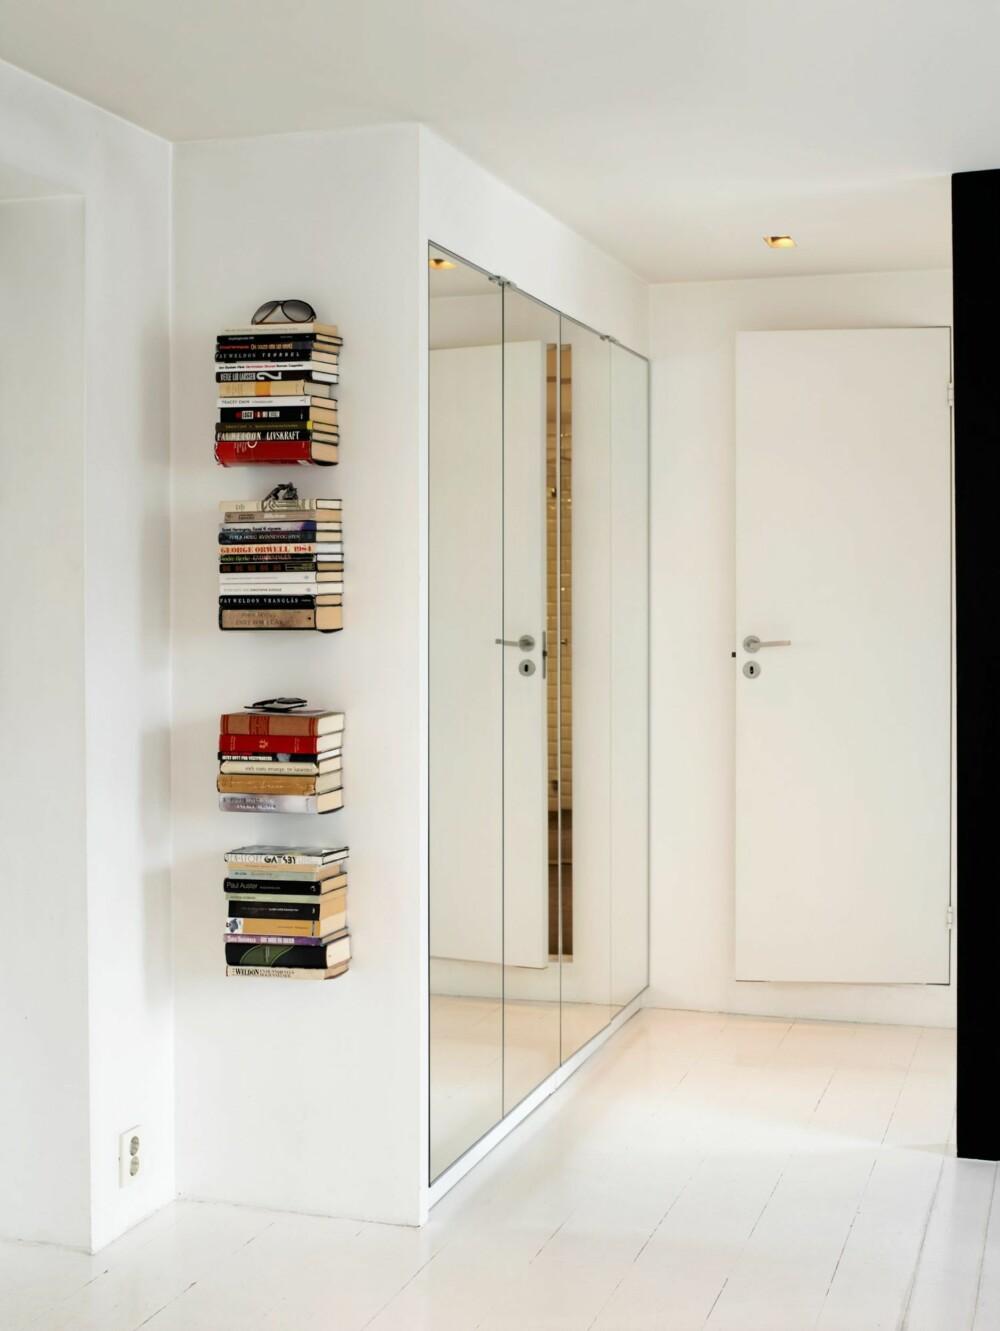 VEGGHENGTE BØKER VED INNGANGSDØREN: Bøkene i gangen tres rett på de tynne bokhylleplatene. Slik synes bøkene å henge rett på veggen. Oppbevaringsbehovet man har i enhver entré finner sin løsning i speilgarderoben.